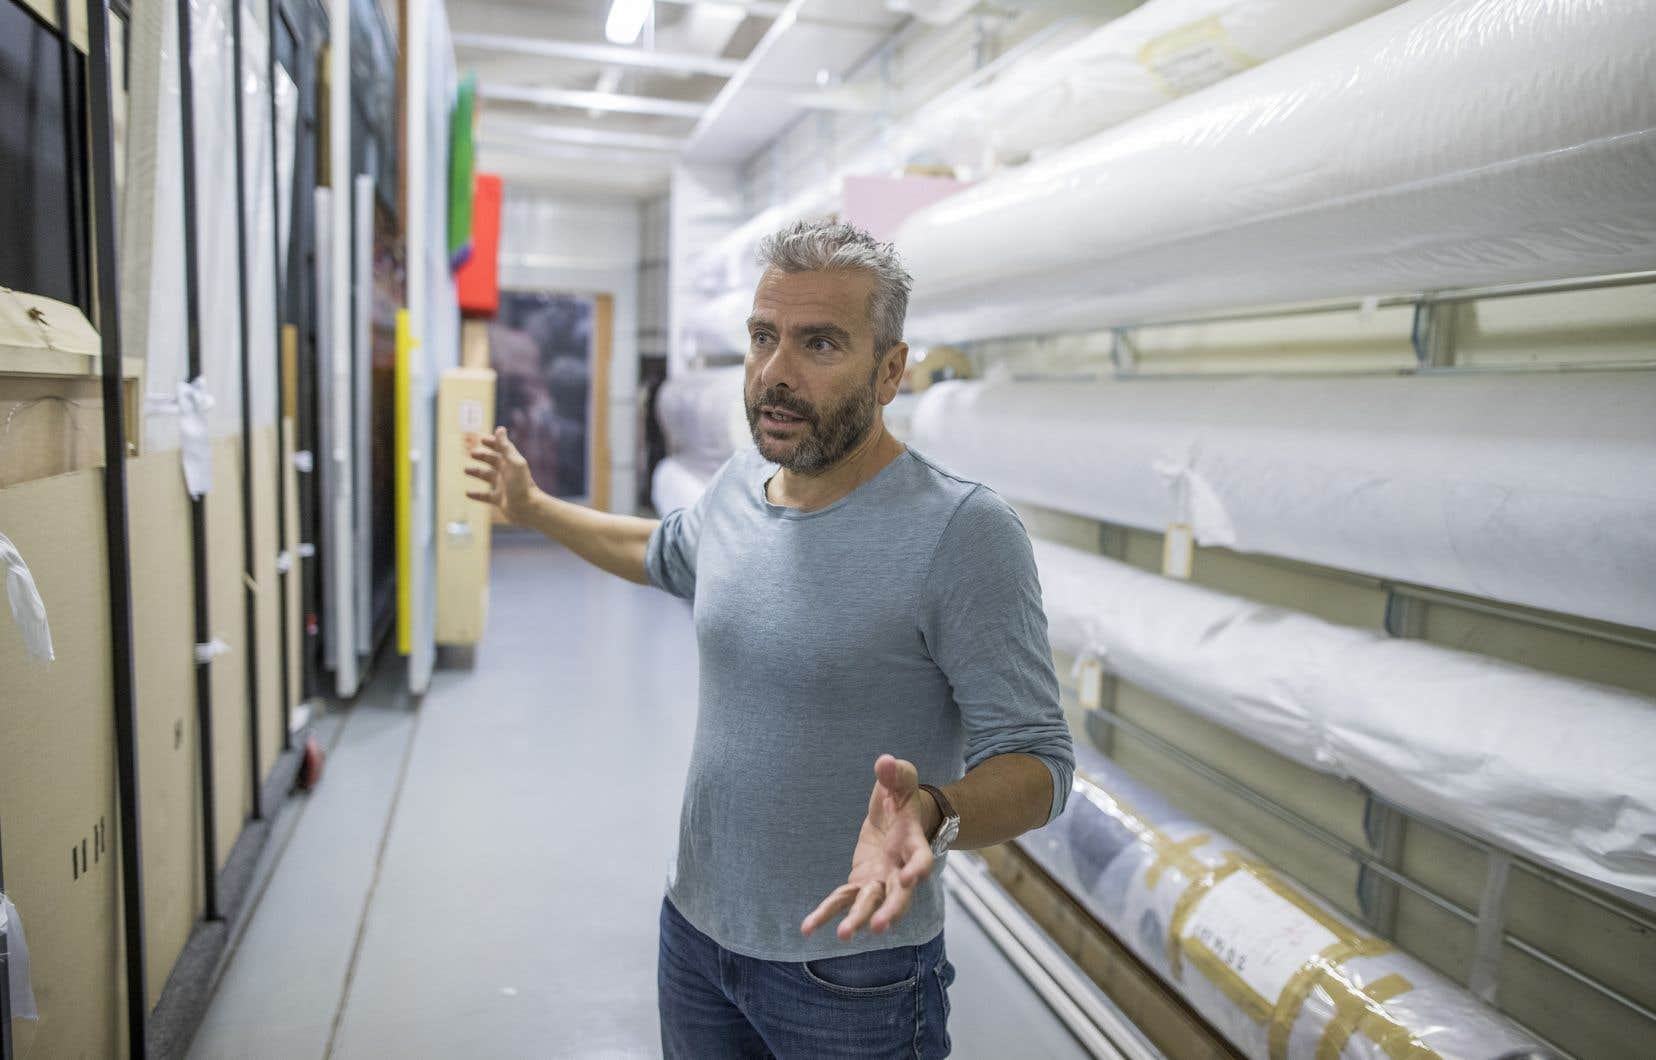 Le directeur général et conservateur en chef du MAC, John Zeppetelli, doit non seulement organiser le déménagement du musée à la Place Ville-Marie, mais aussi le déplacement de milliers d'œuvres à l'intérieur même de l'établissement durant les travaux.